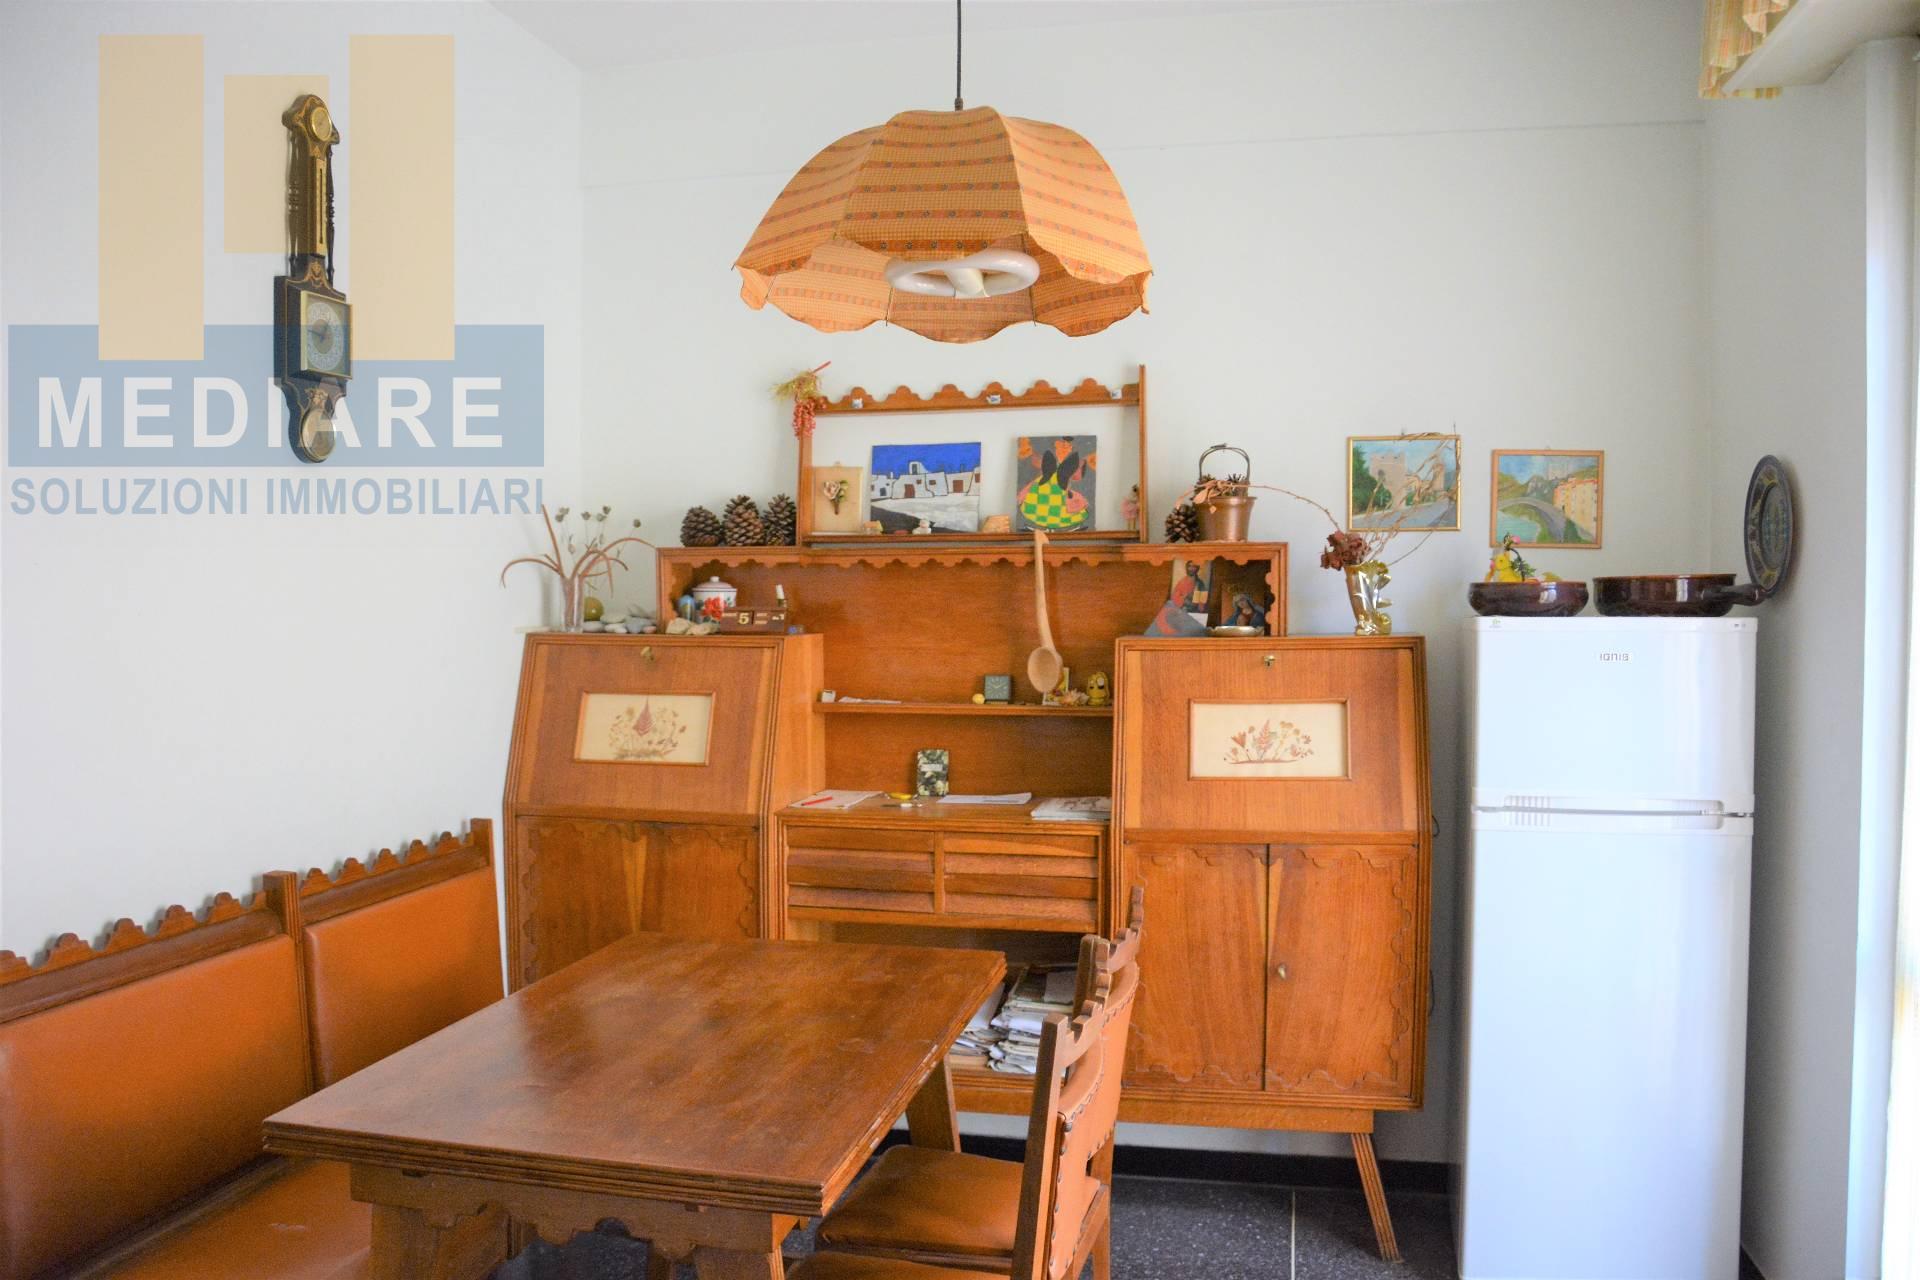 Appartamento in vendita a Finale Ligure, 3 locali, zona Località: FinaleMarina, prezzo € 240.000 | CambioCasa.it